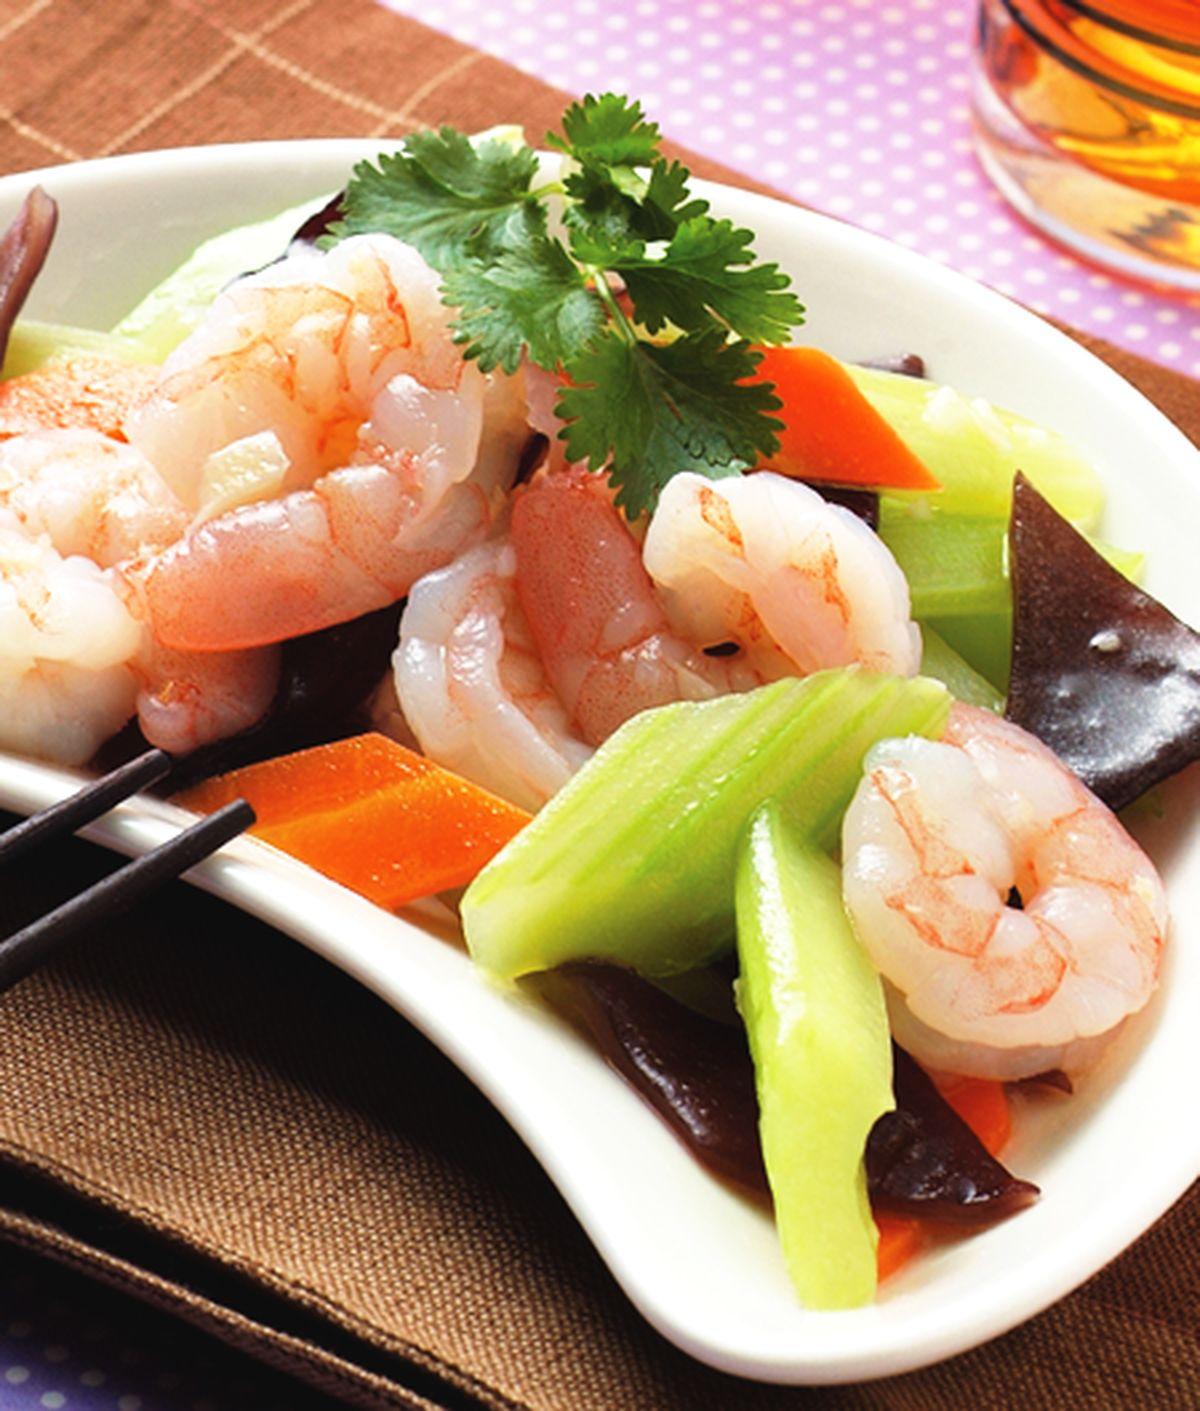 食譜:西芹炒蝦仁